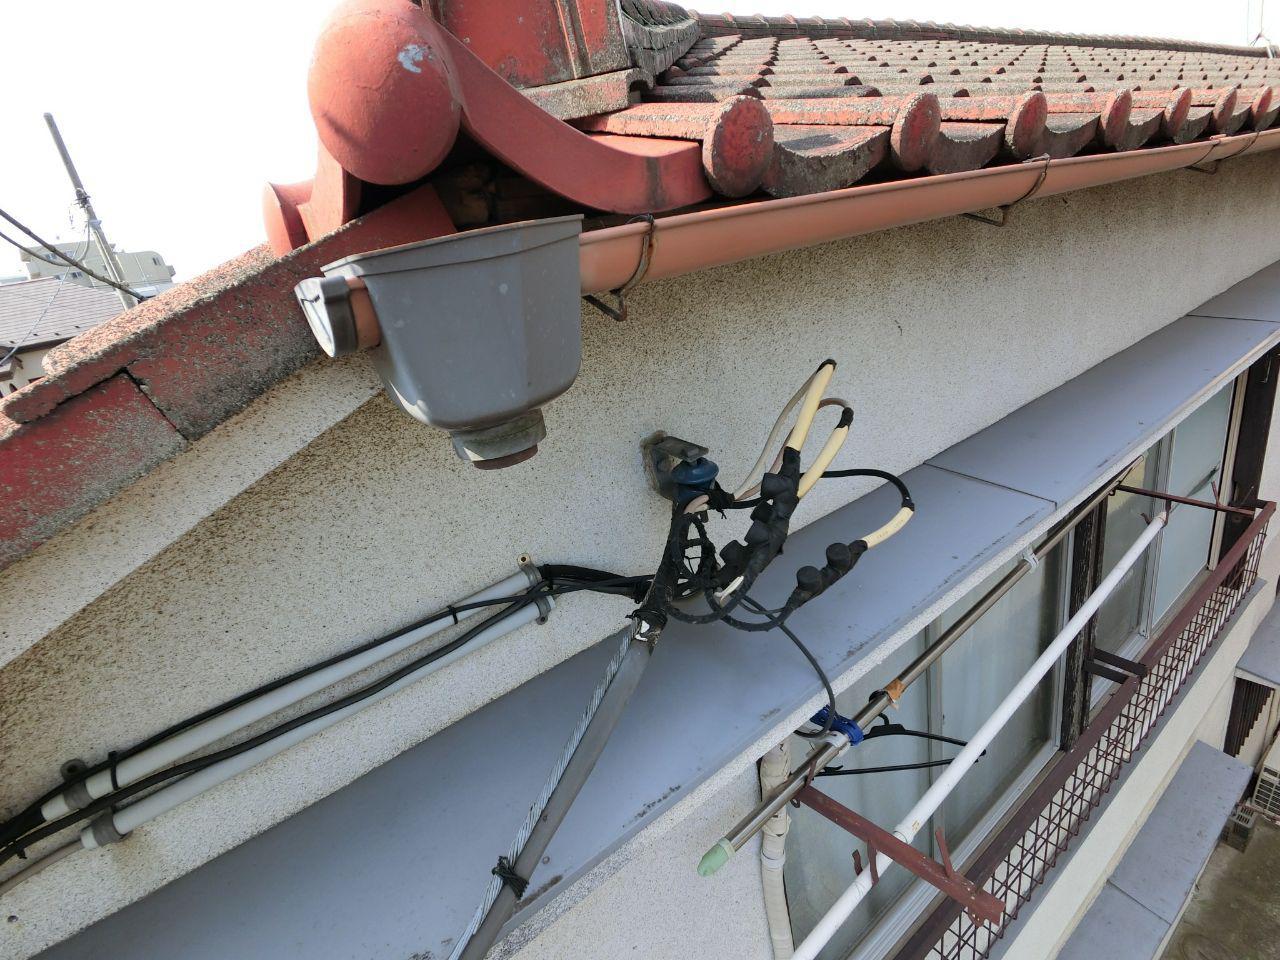 火災保険による実費負担ゼロ工事!世田谷区アパートの風水害に対応